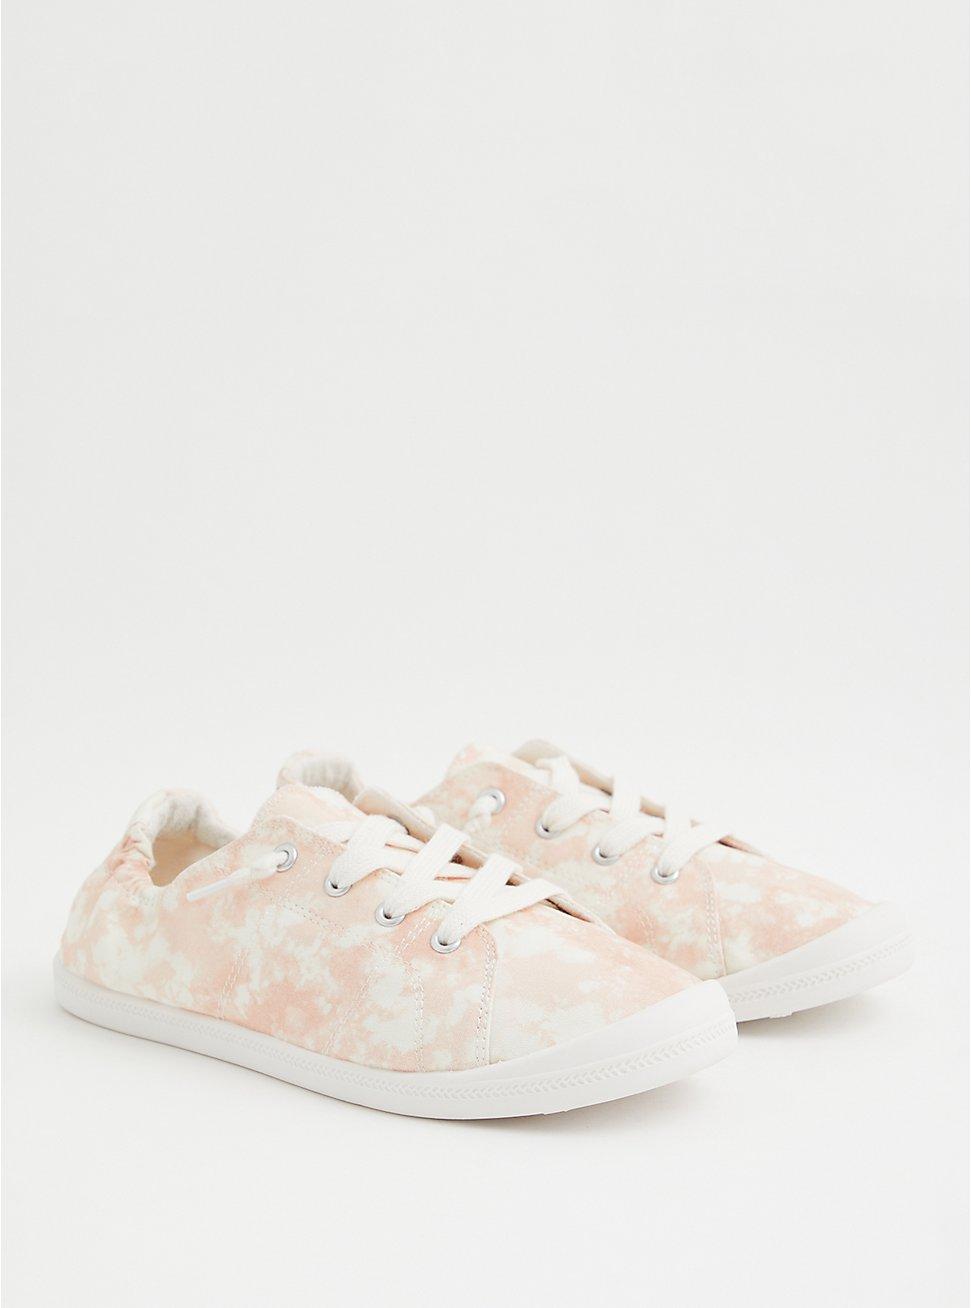 Riley - Blush Tie-Dye Canvas Sneaker (WW), BLUSH, hi-res